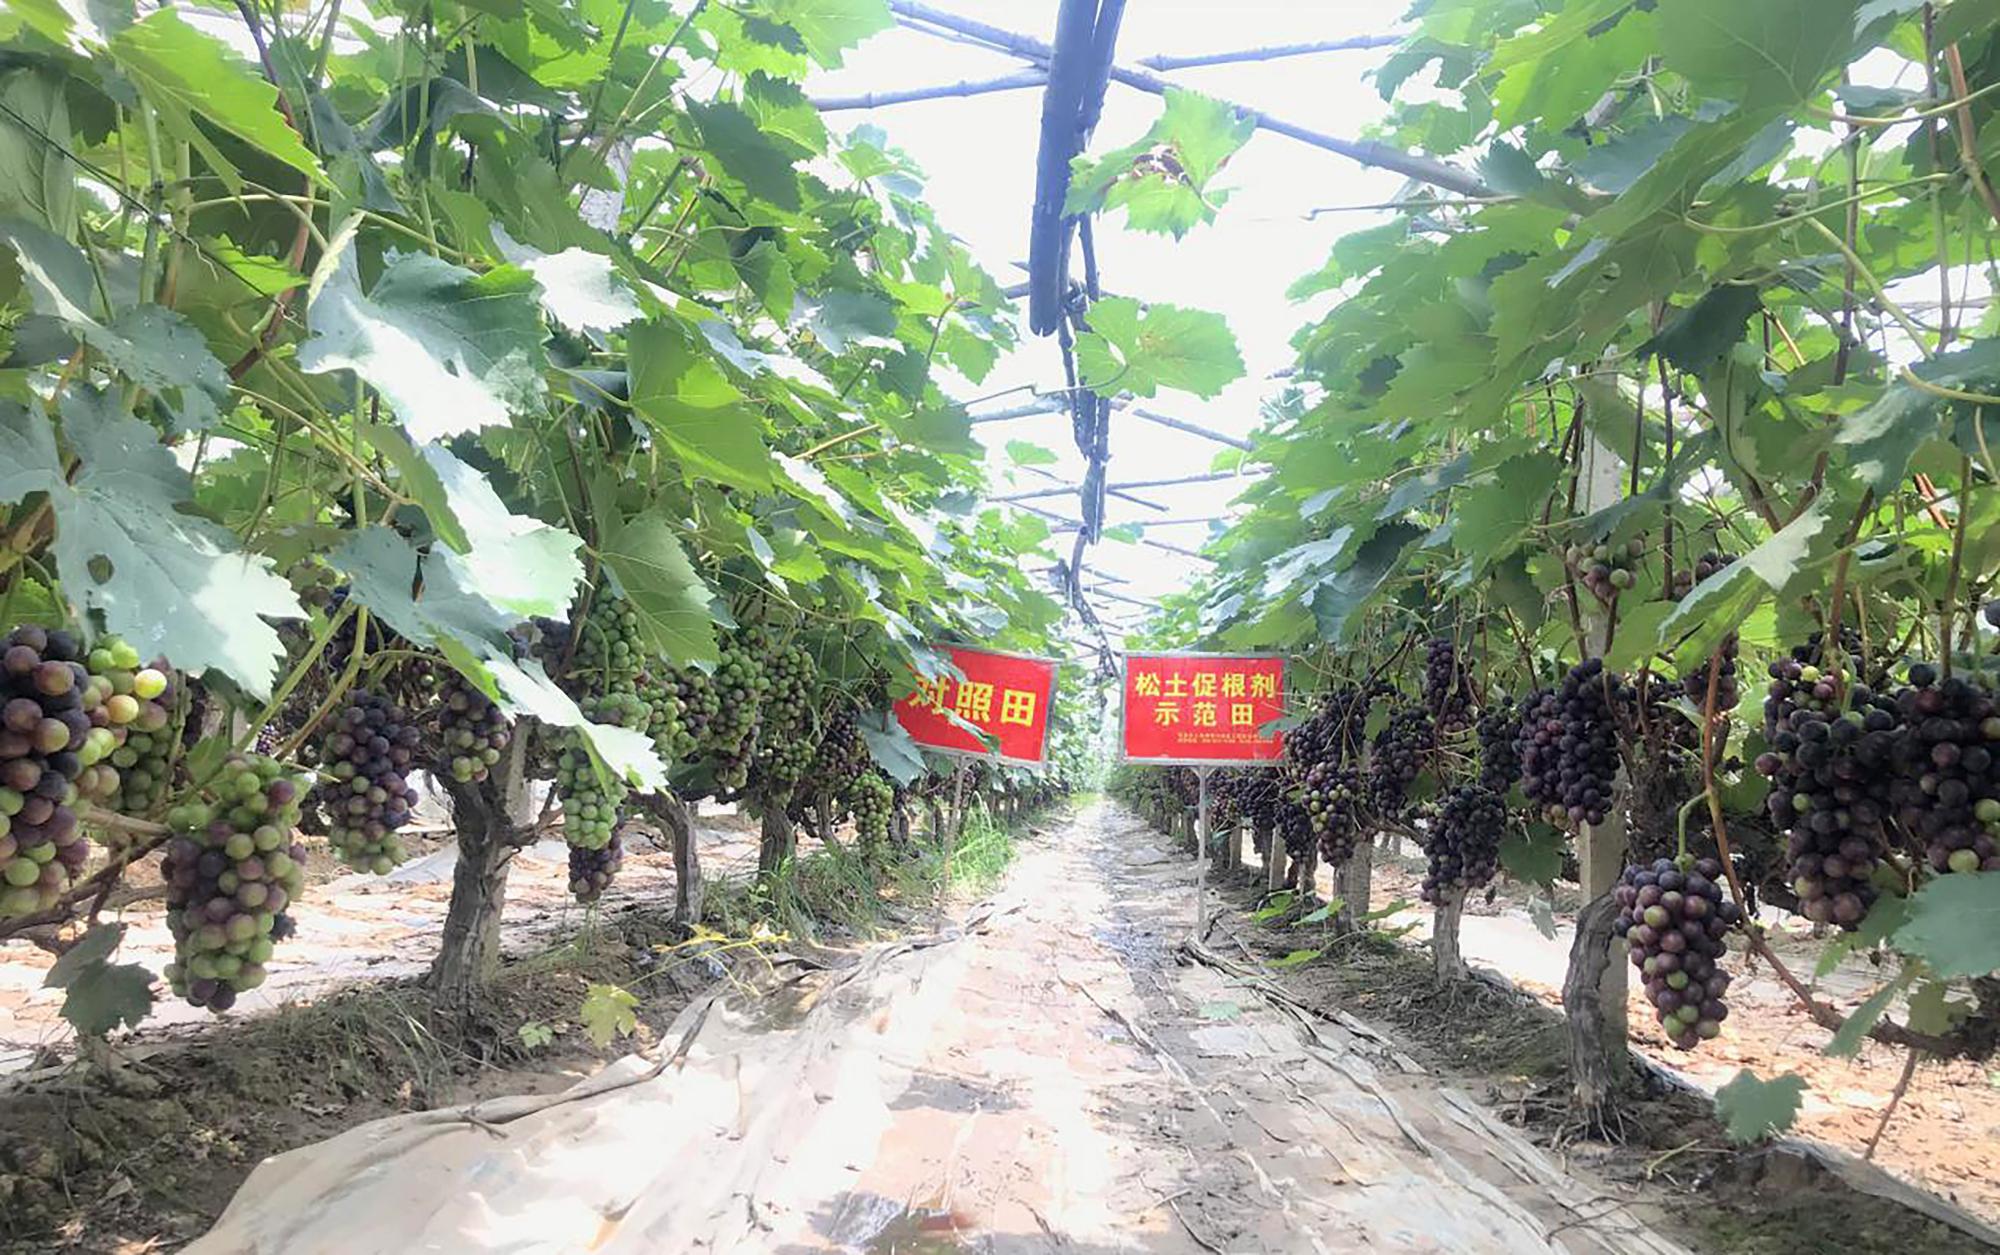 土壤培肥科学施肥才是农业种植提质增产的核心